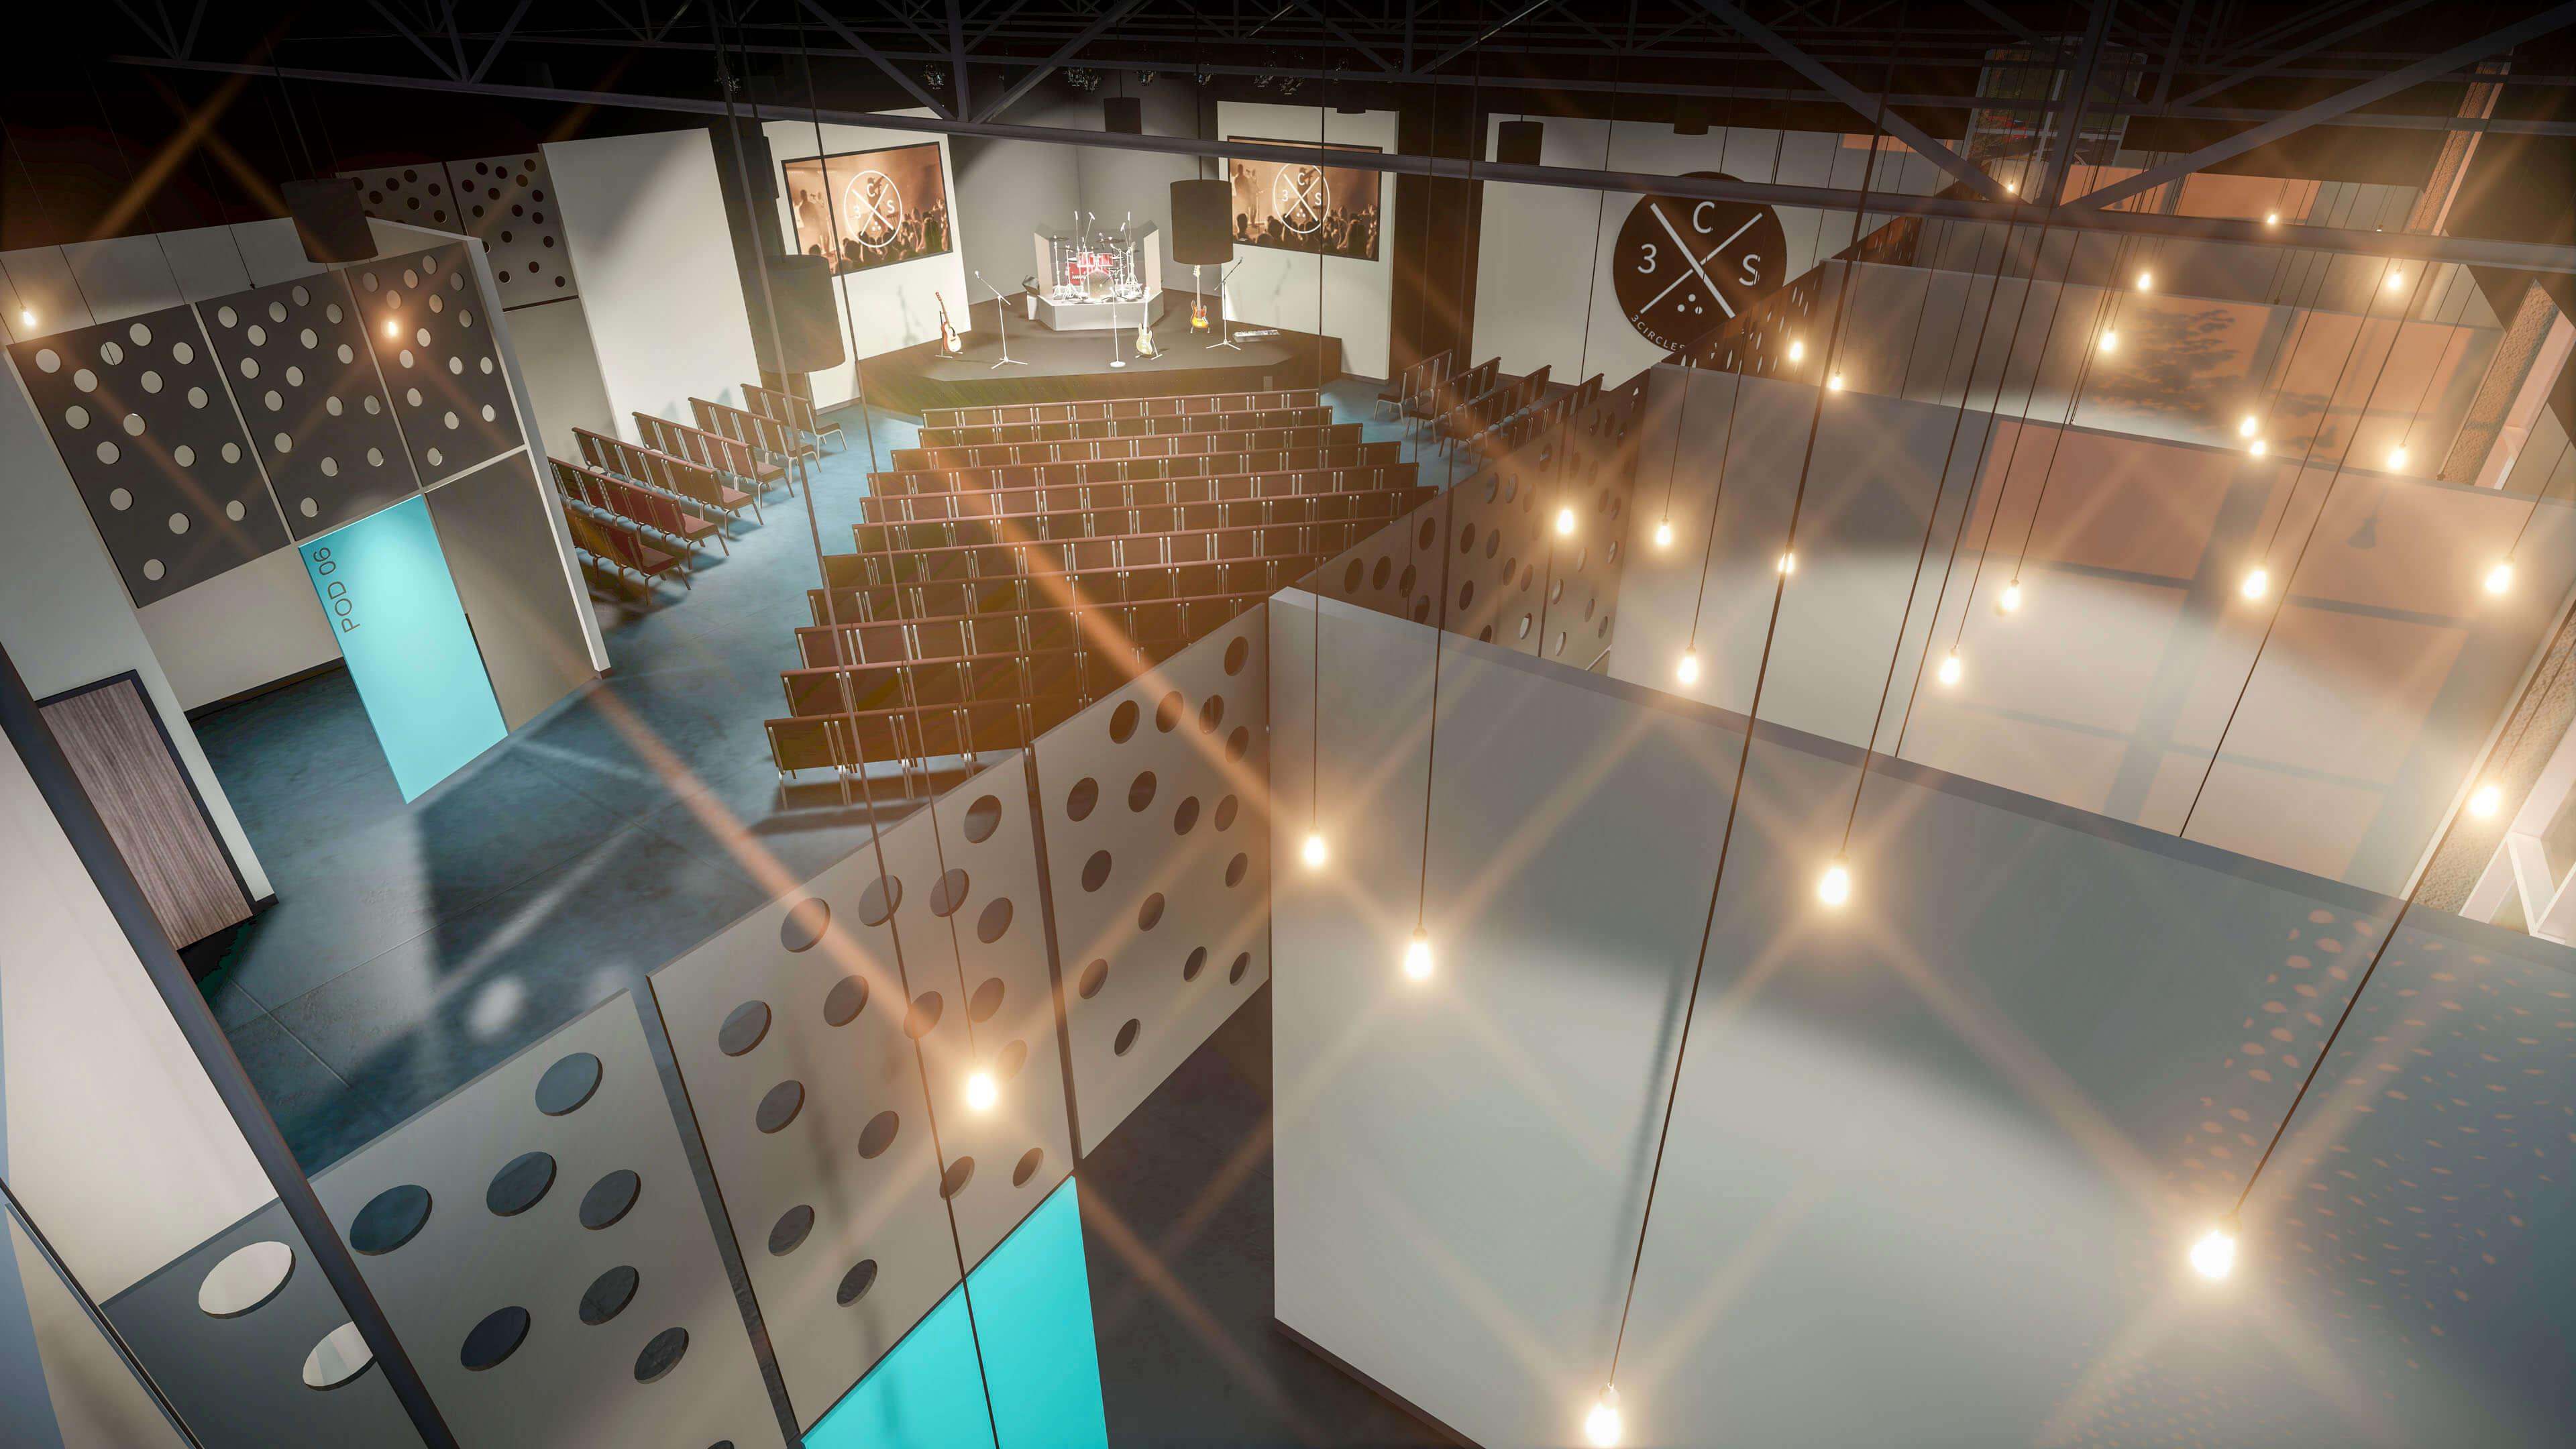 3Circle Church - South Campus